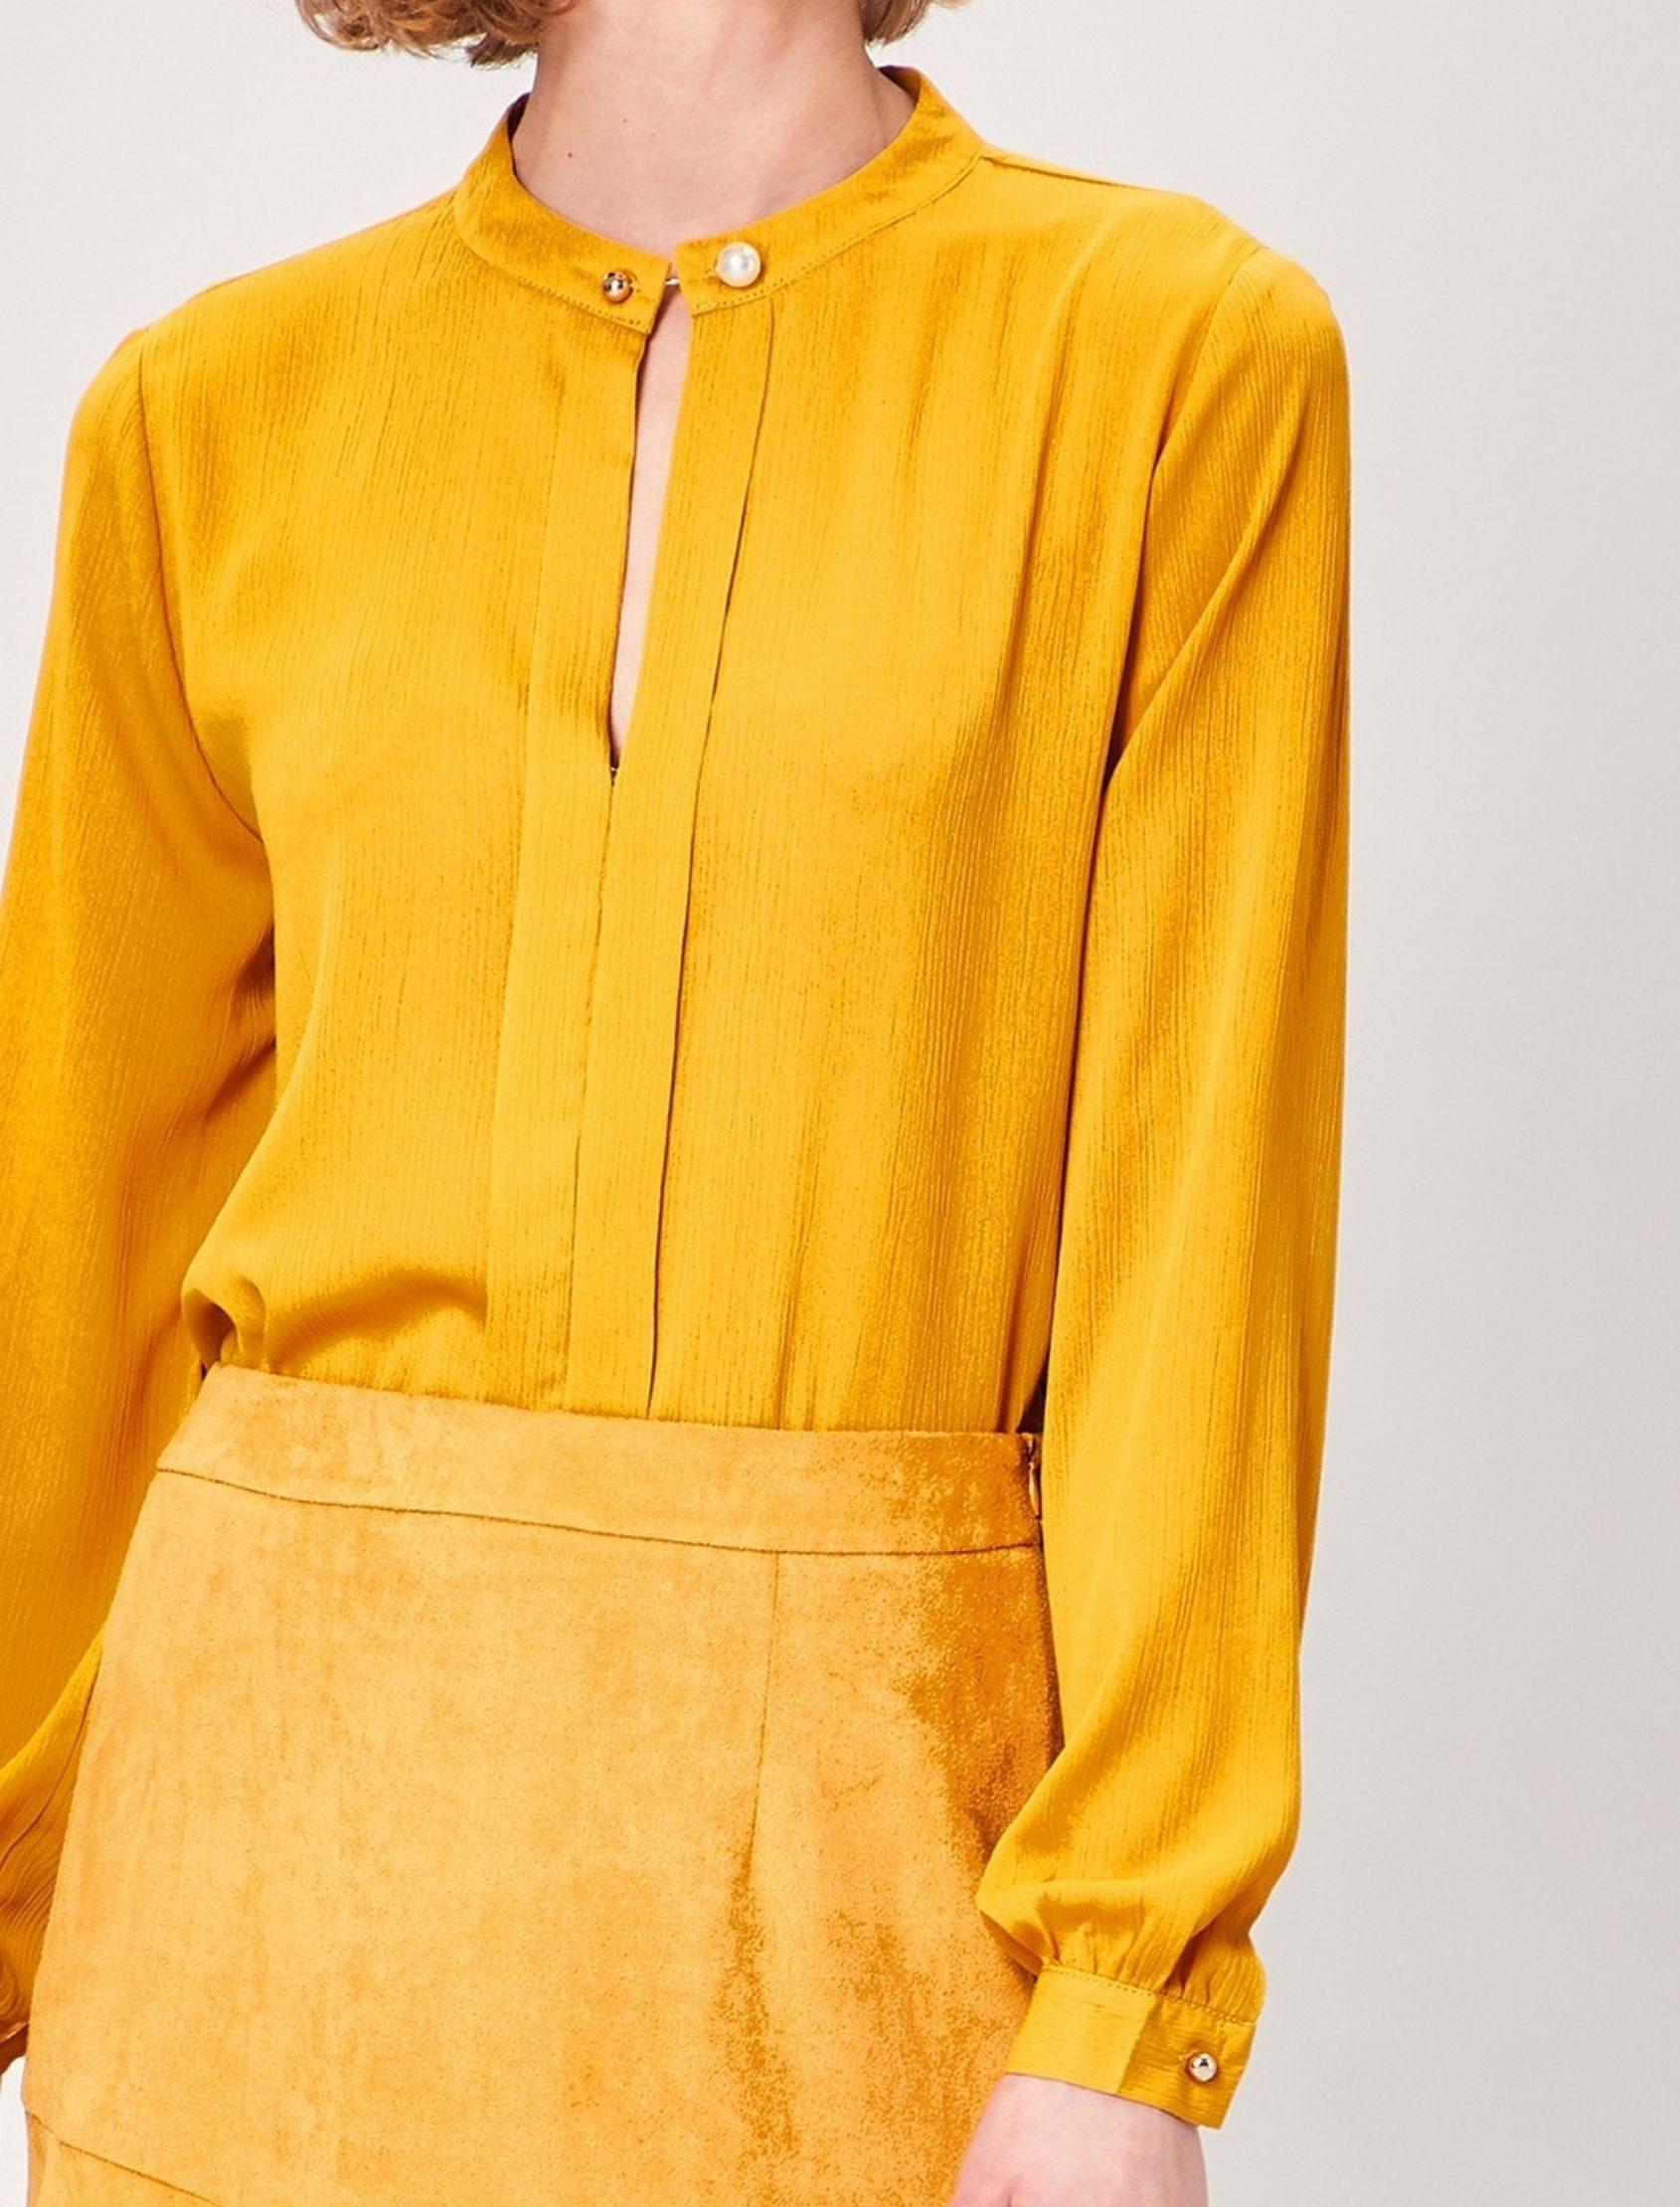 blusa de mujer en tono mostazo con detalle de alfiler de la marca angeleye